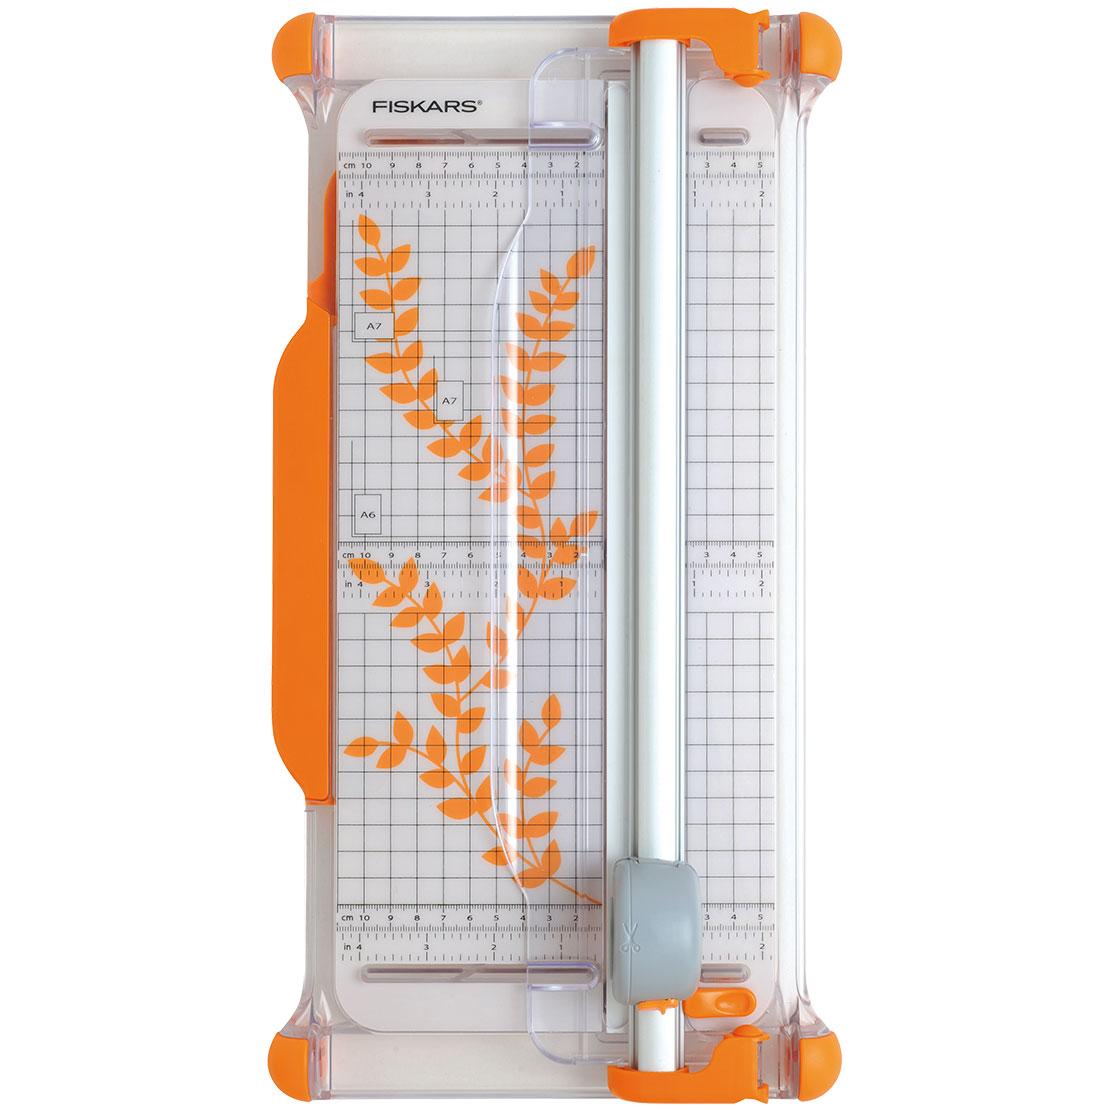 Fiskars Portable Paper Trimmer A4